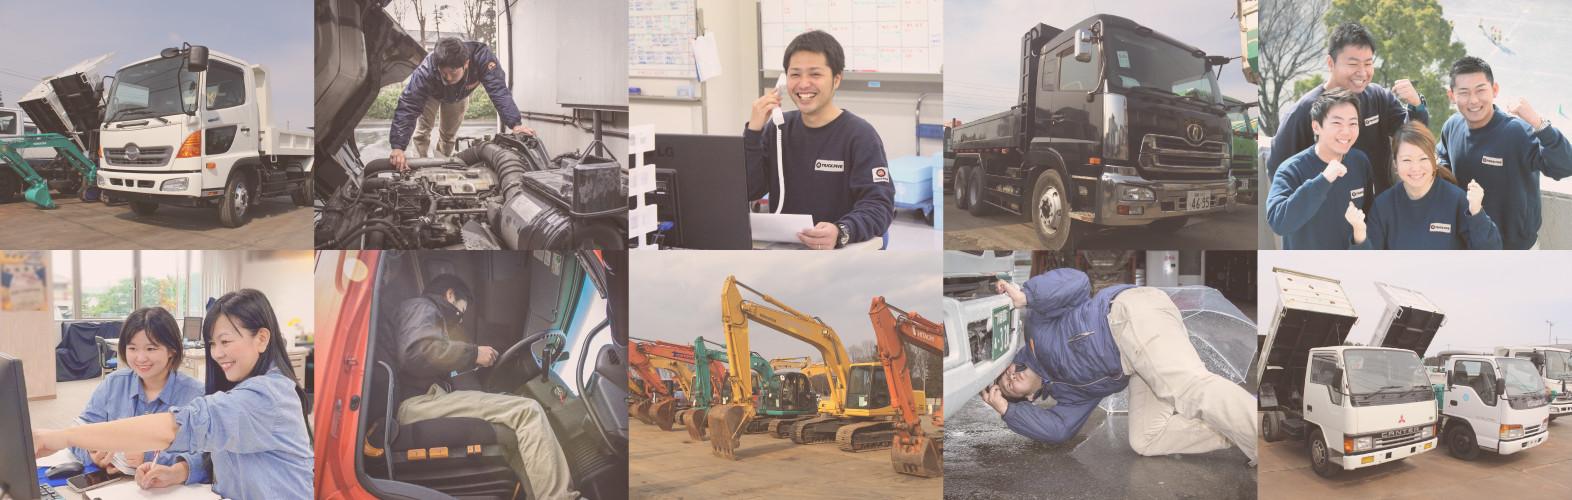 商用車の買取専門店で創業20年信頼と実績のトラックファイブ